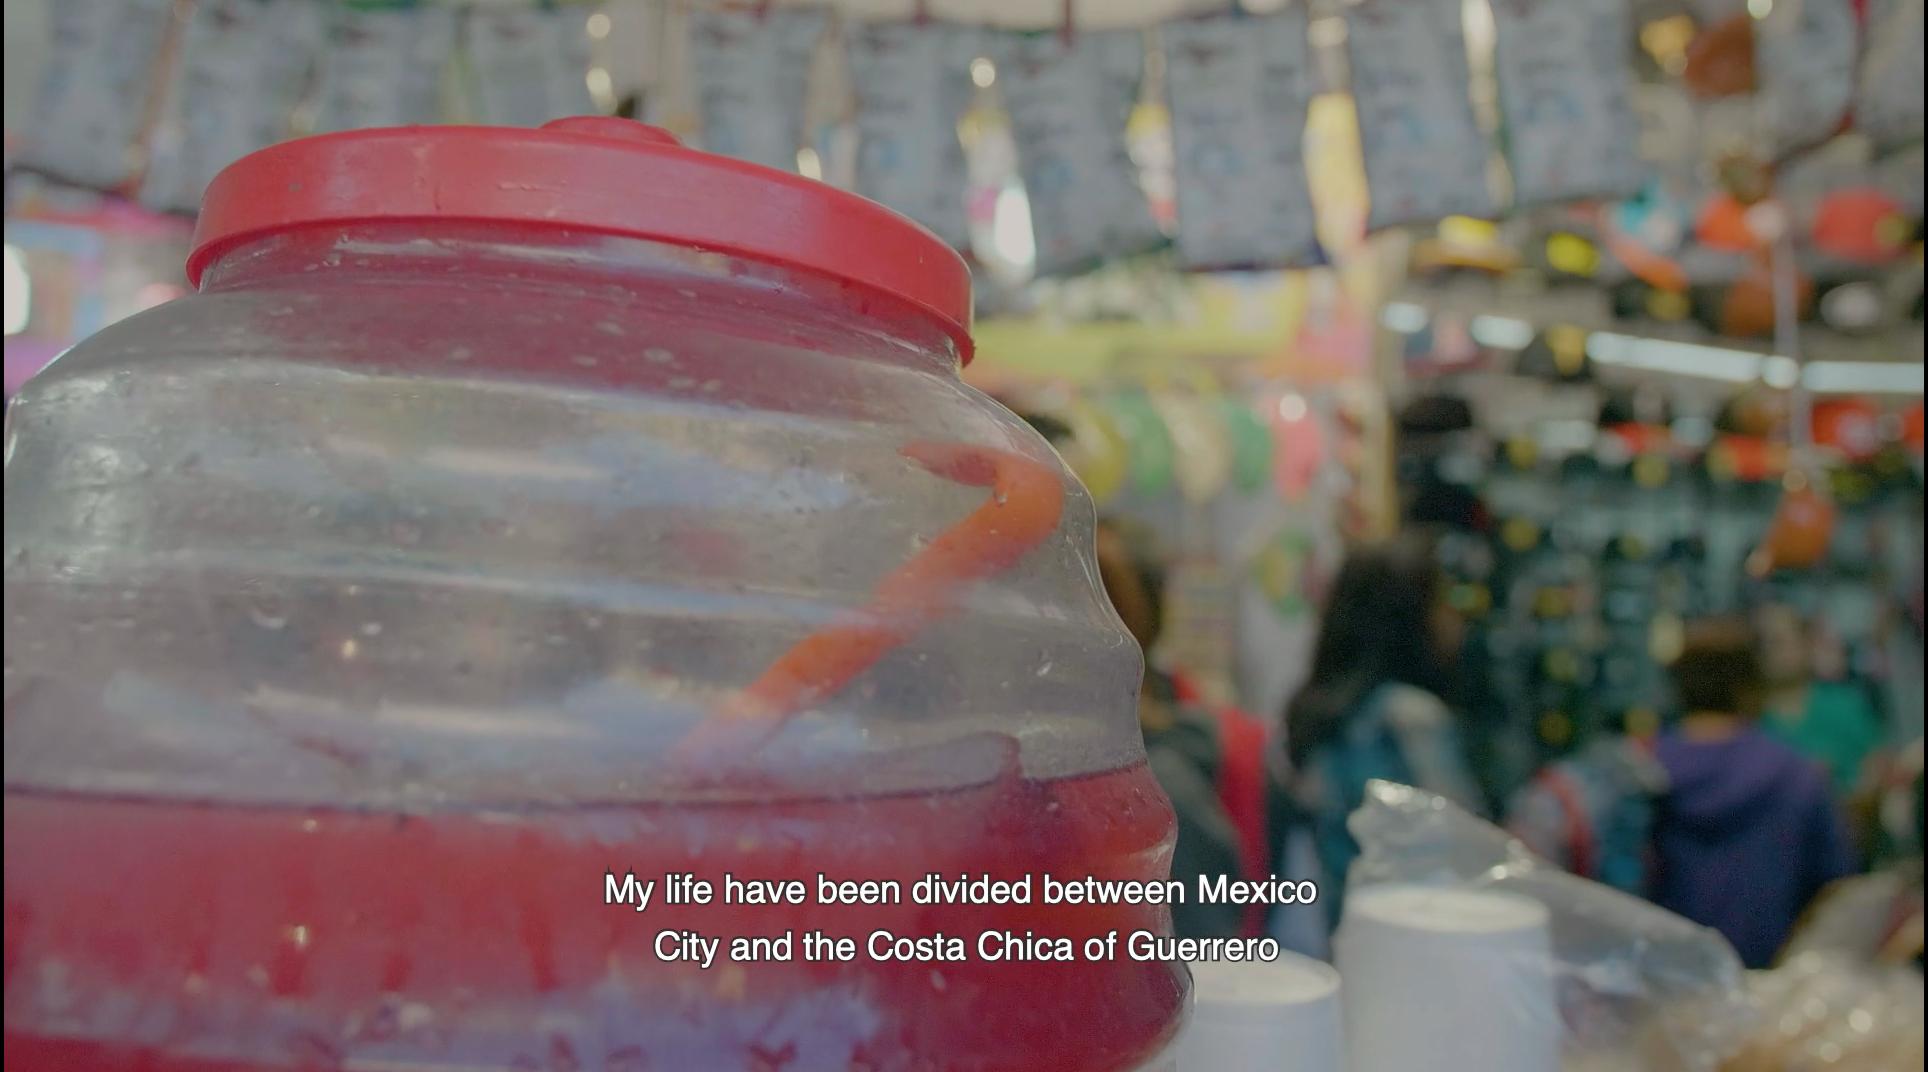 Agua de jamaica en un mercado